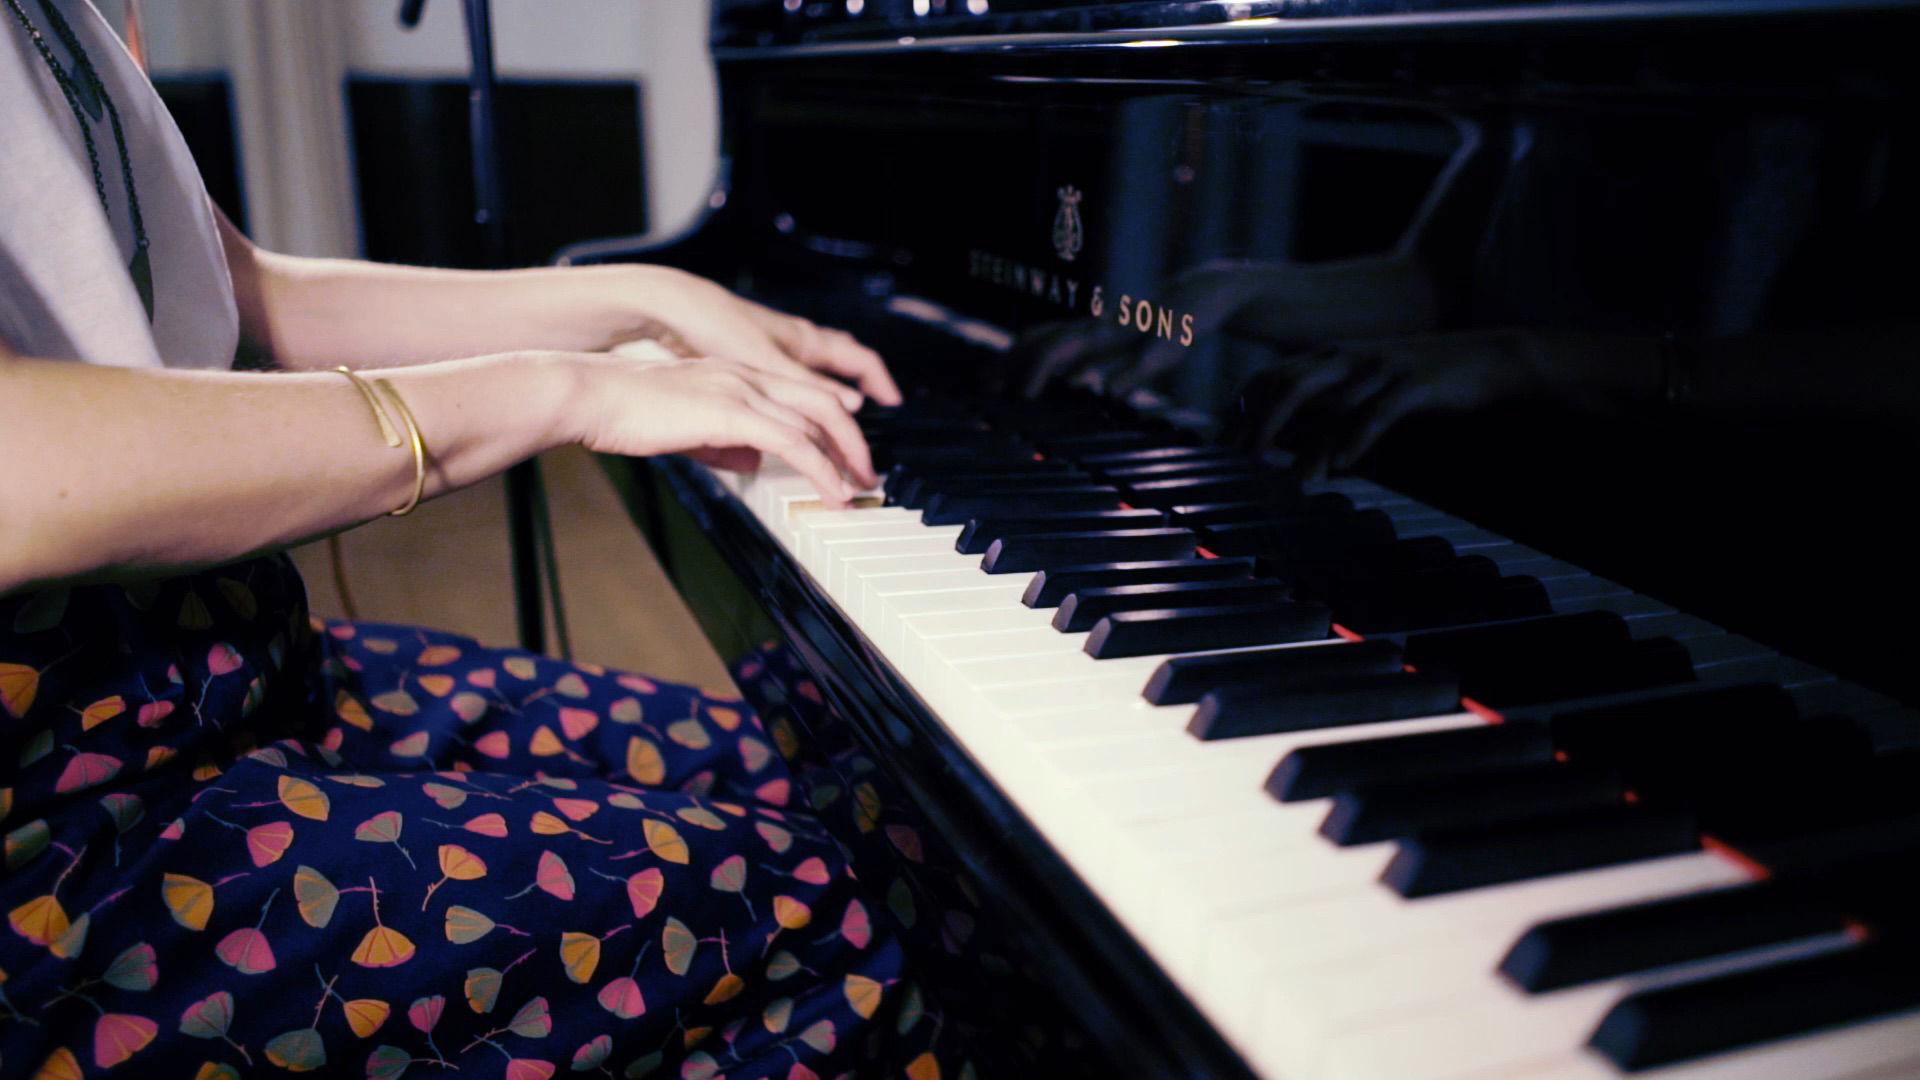 Miriam Hanikas Hände auf der Klaviertastatur.